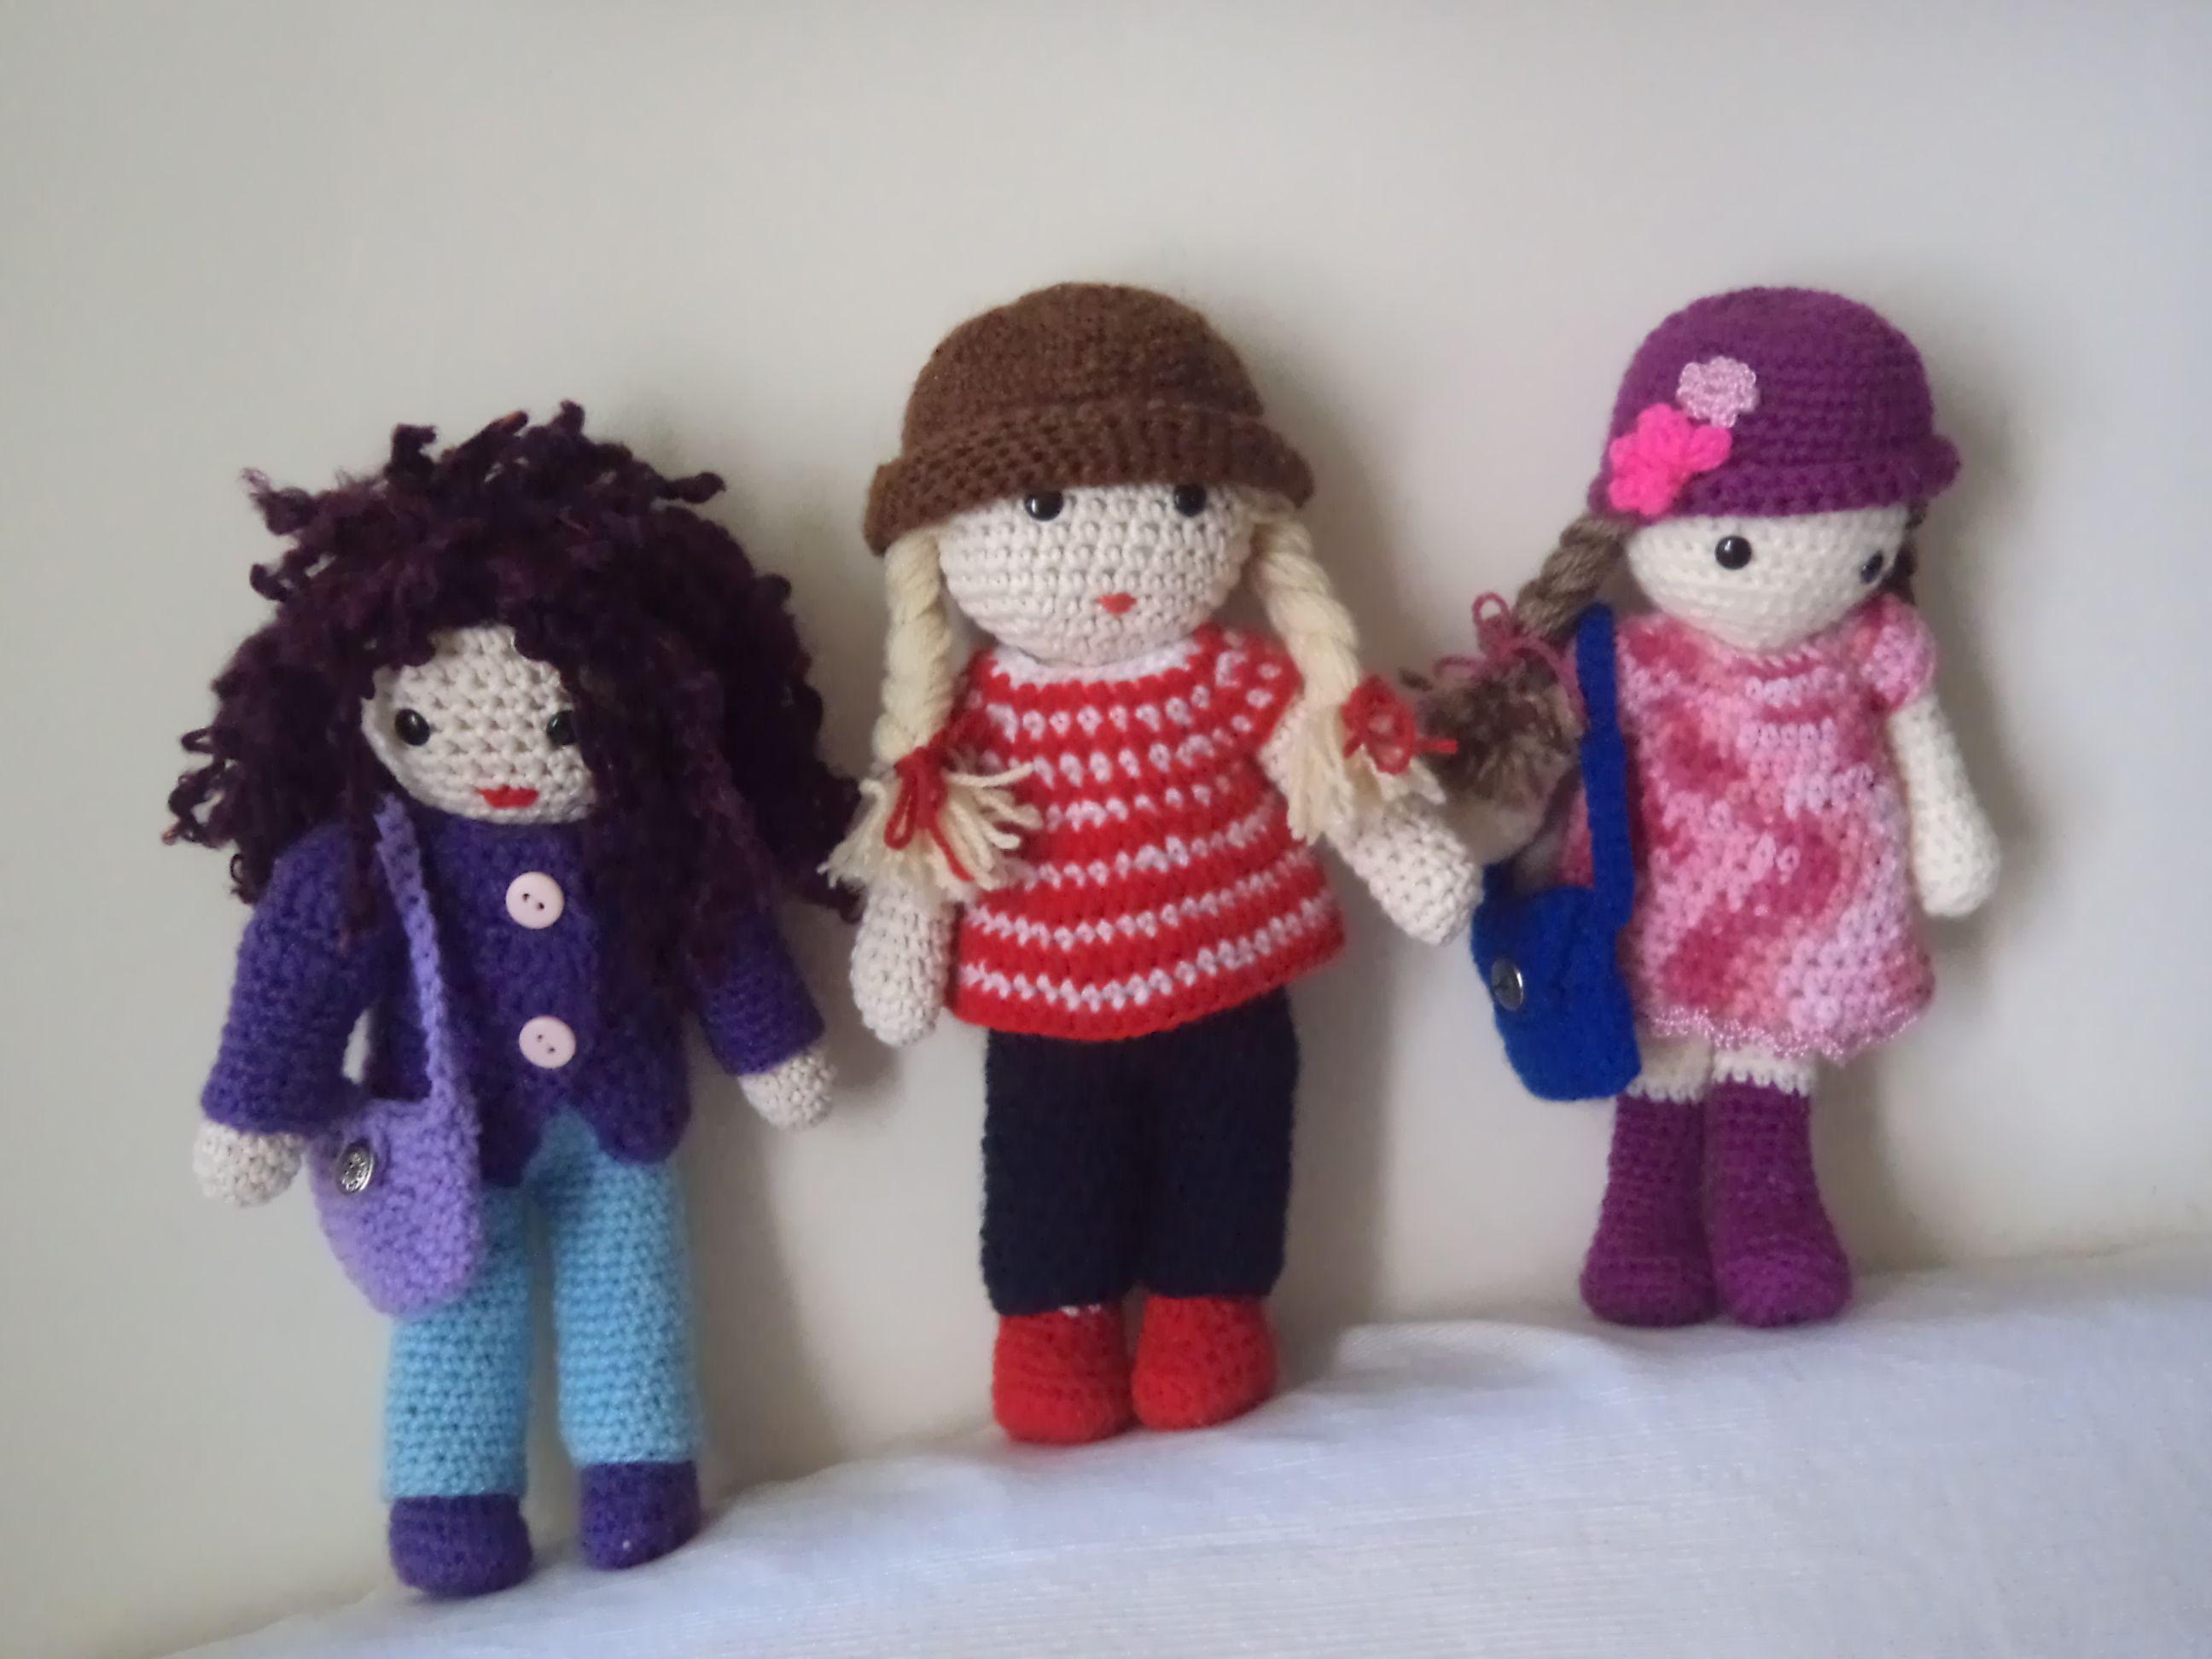 muñecas Iara/ Los Amigurumis de Elena/ Elena Draque